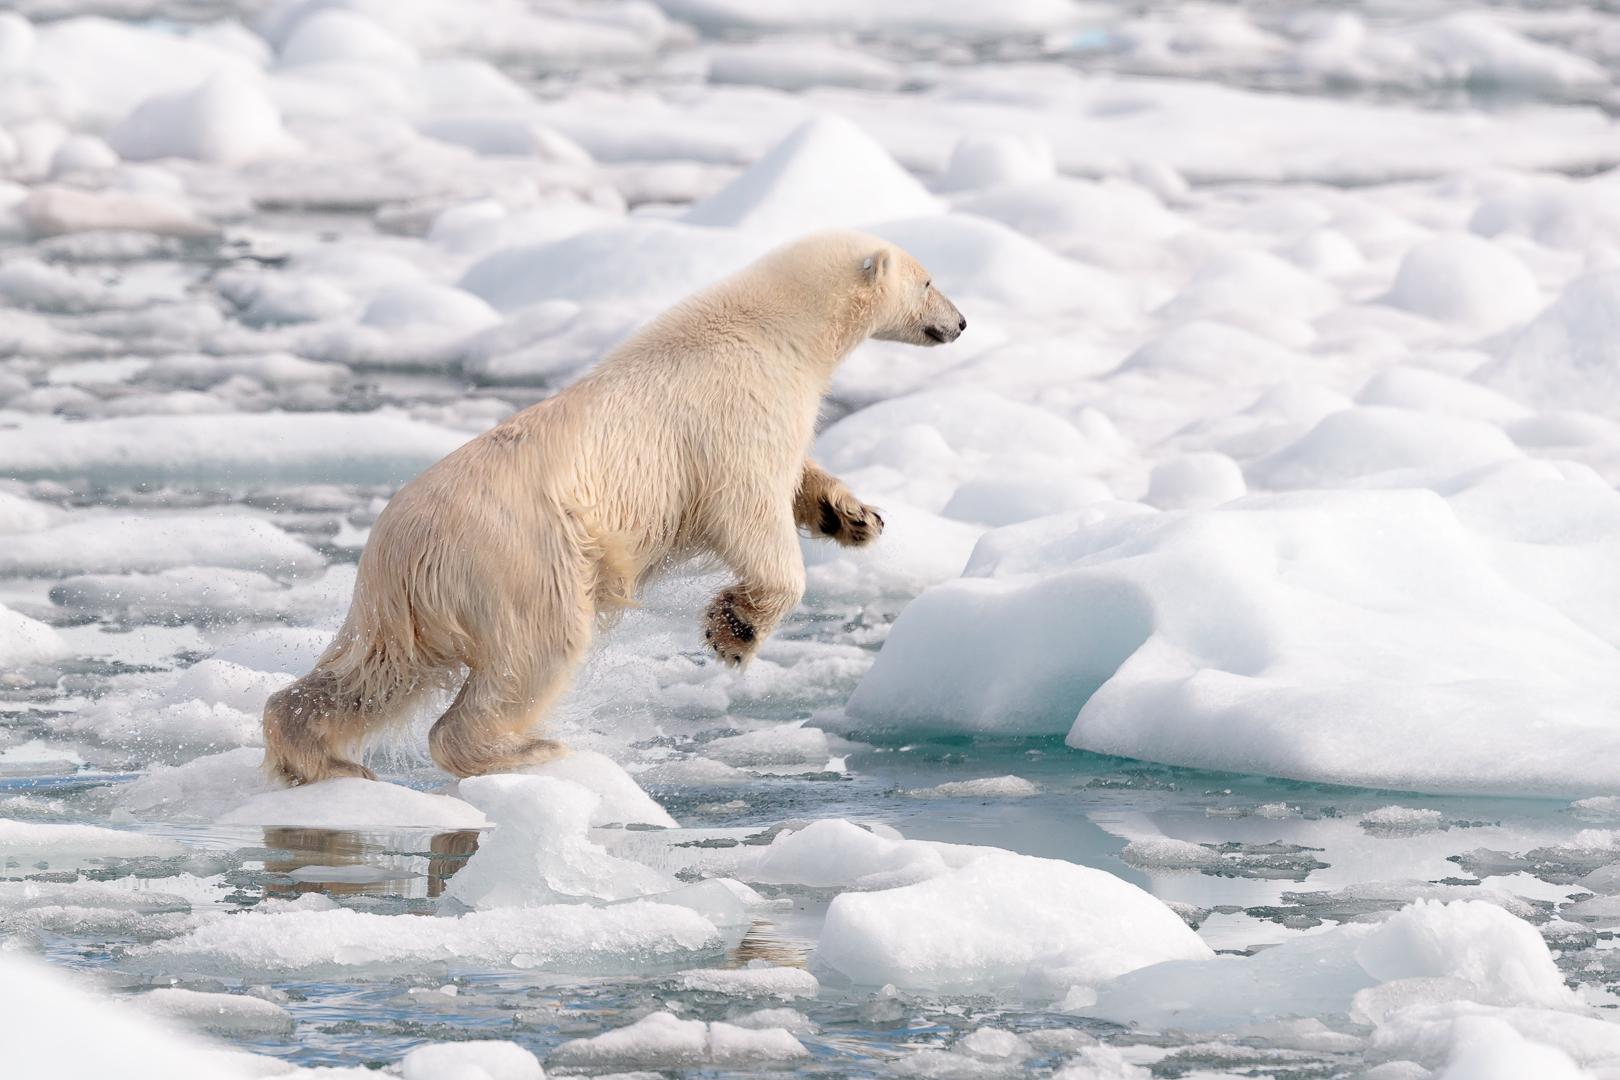 Polar bear jumping over ice flow